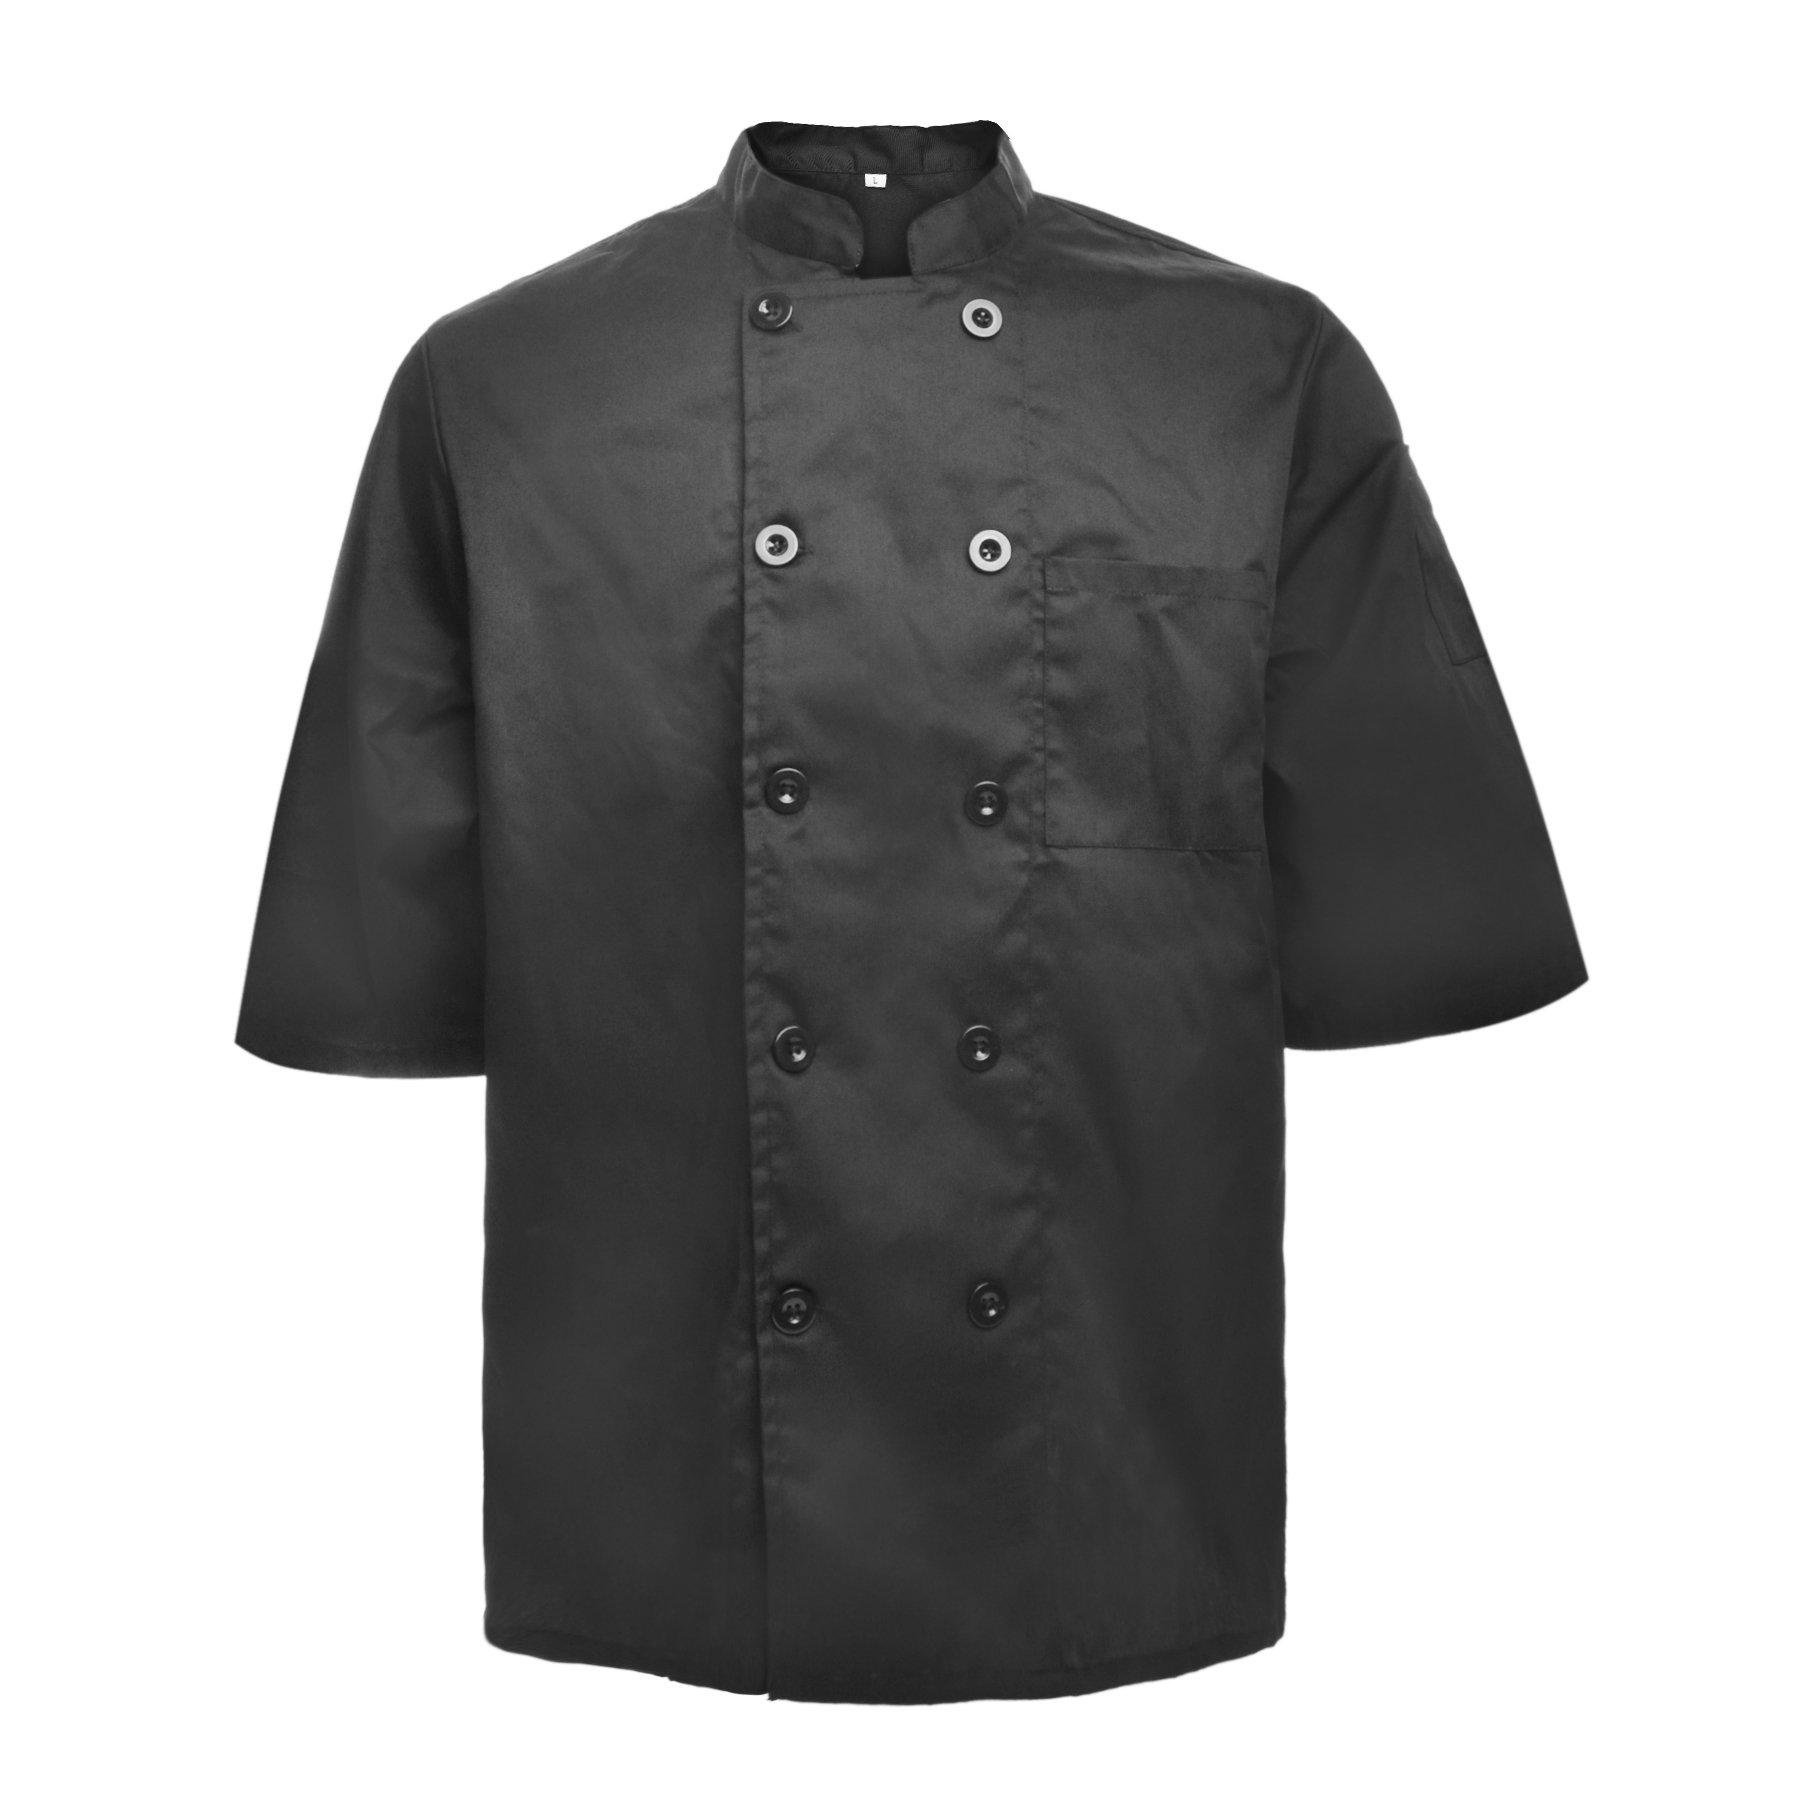 TopTie Unisex Short Sleeve Chef Coat Jacket, Black